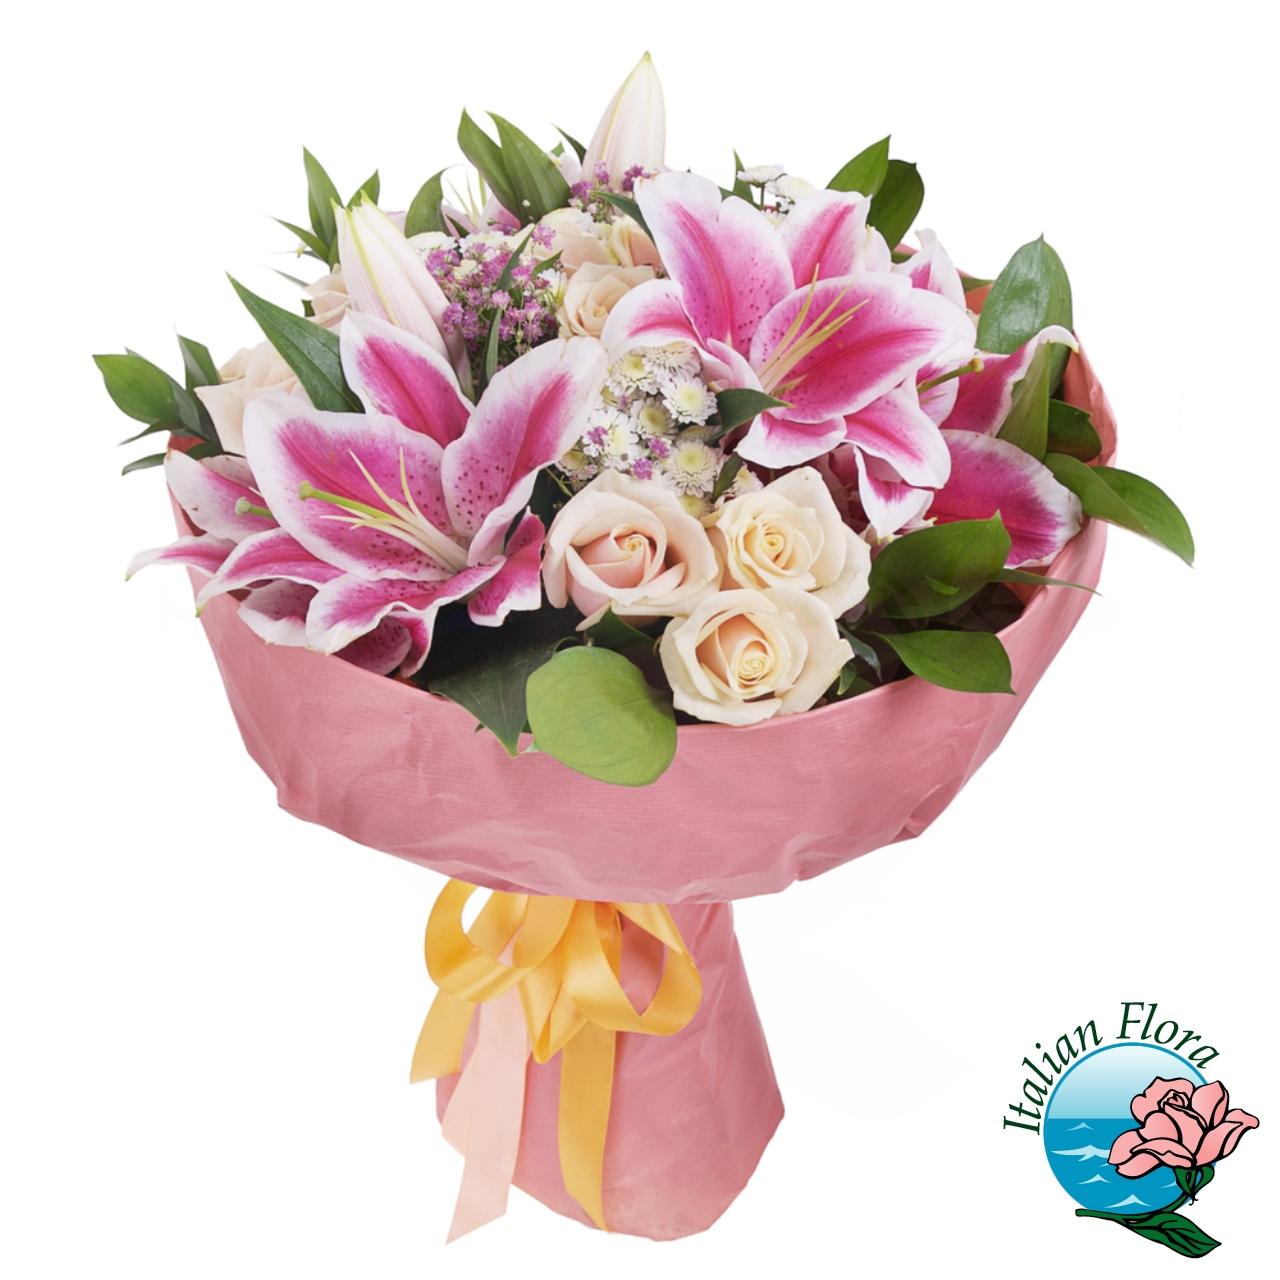 Mazzo Di Fiori Con Rose.Bouquet Di Fiori Per Anniversario Con Rose E Gigli